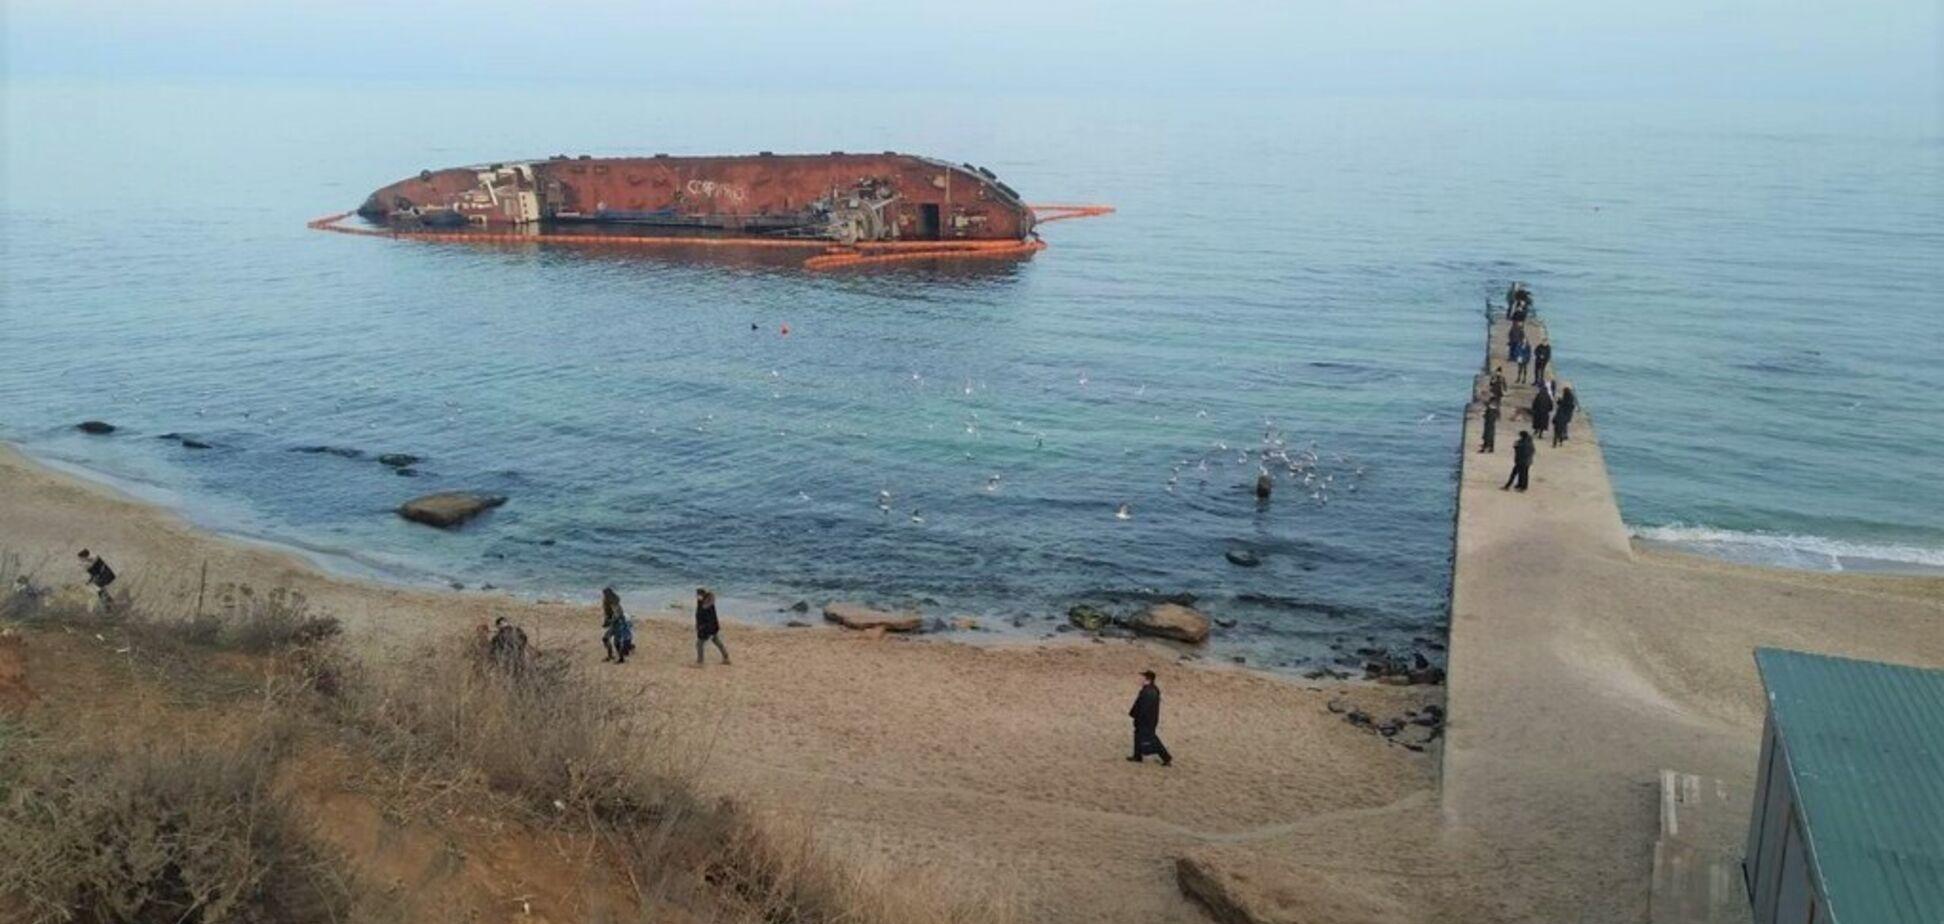 У справі про катастрофу танкера 'Делфі' в Одесі знайшли підозрюваних